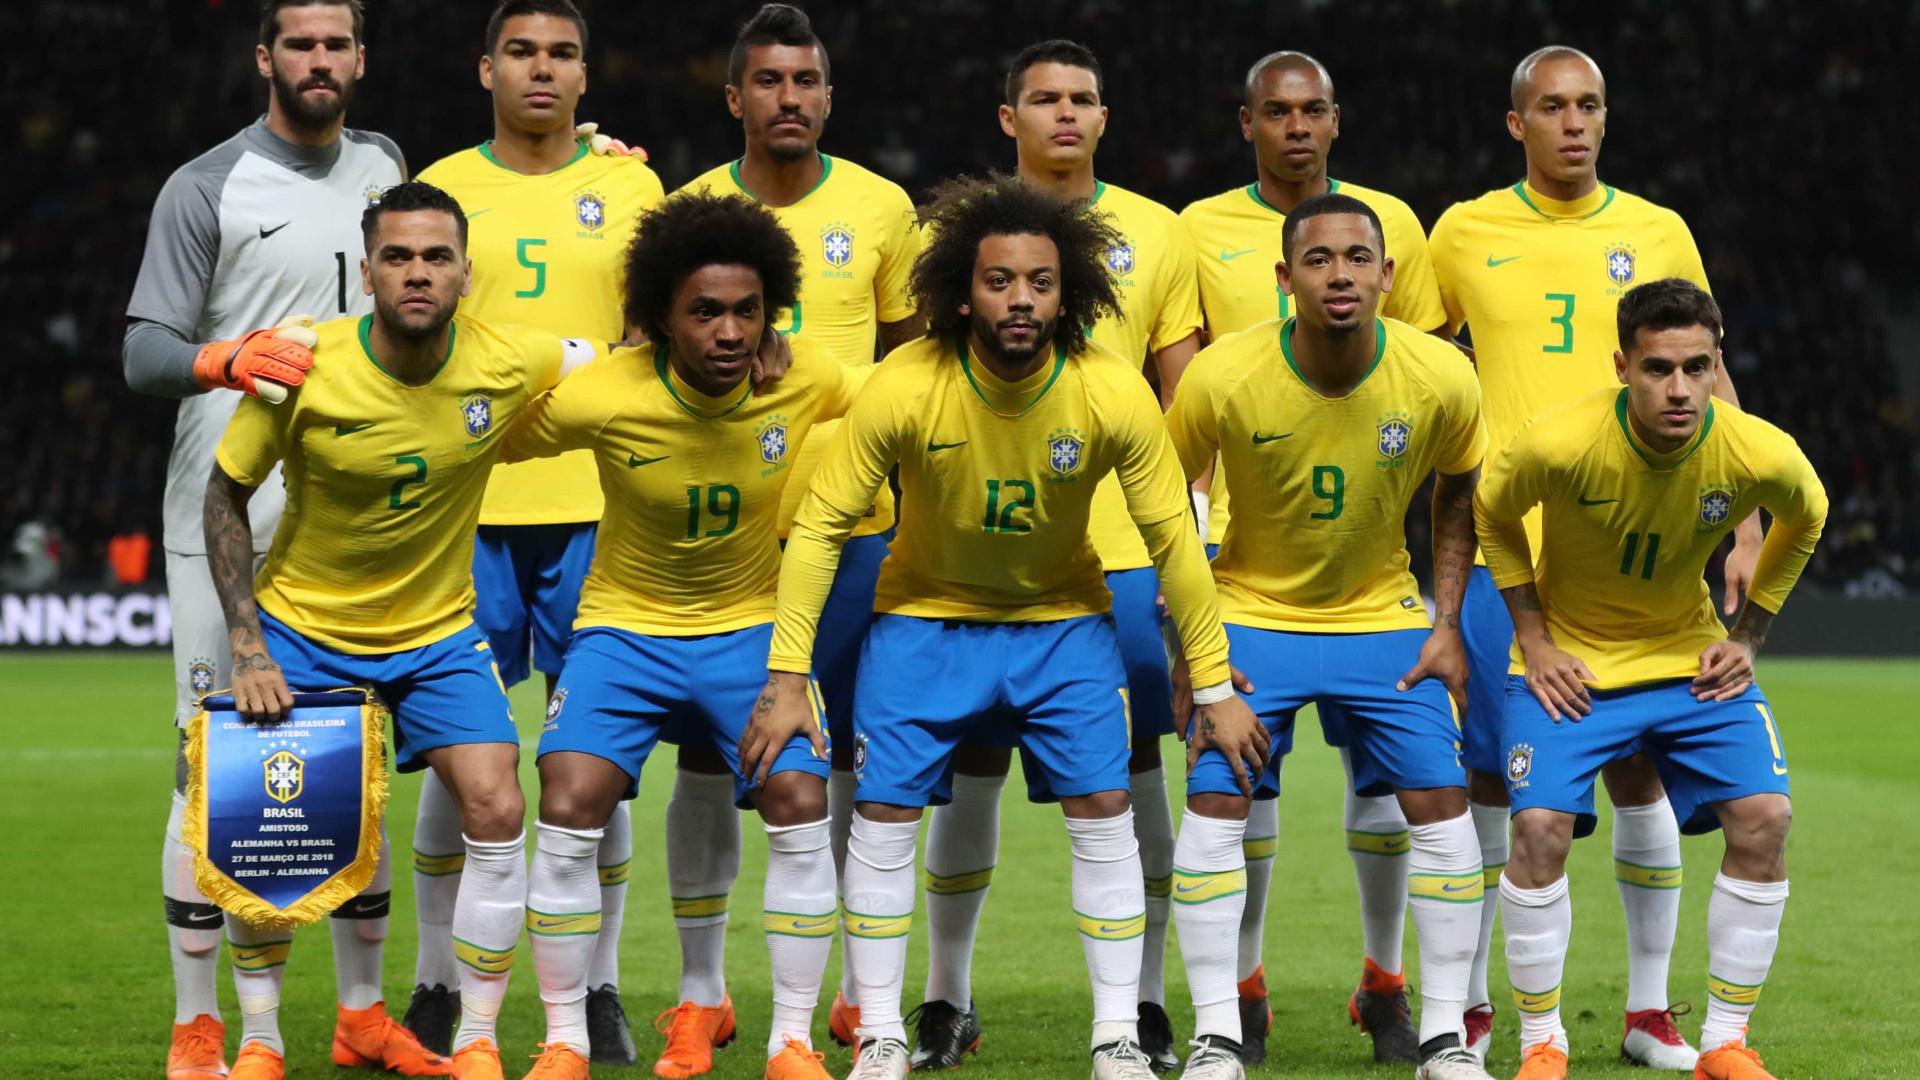 Tite vibra por ver a Seleção Brasileira forte mesmo sem Neymar